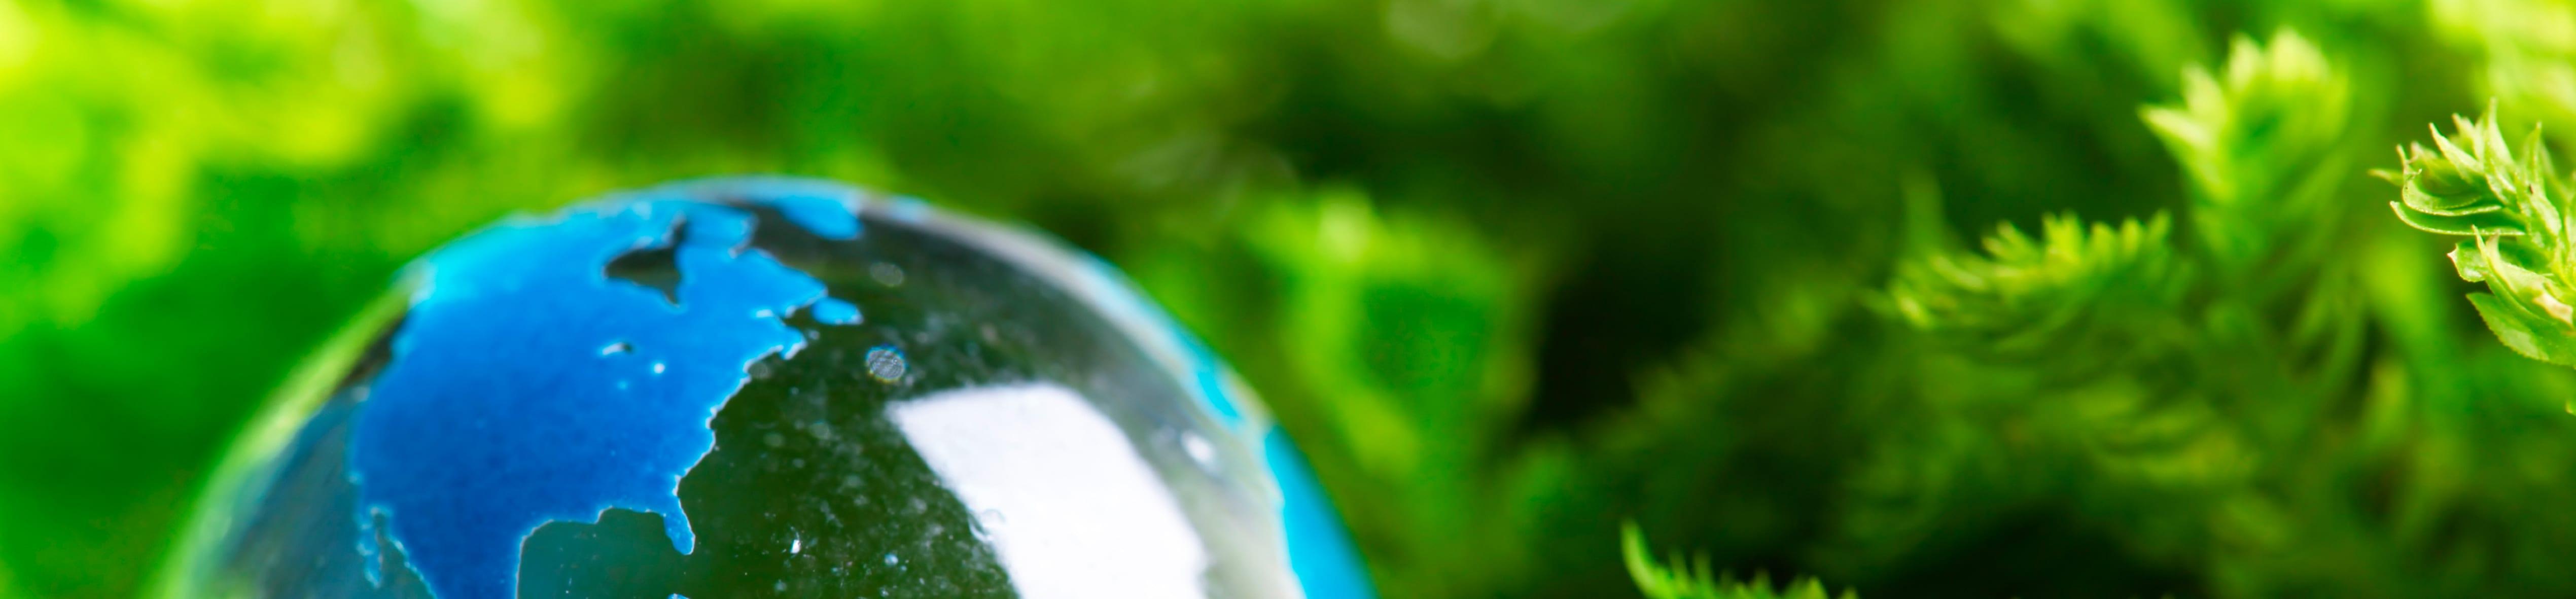 Baixas viscosidades e as emissões de carbono